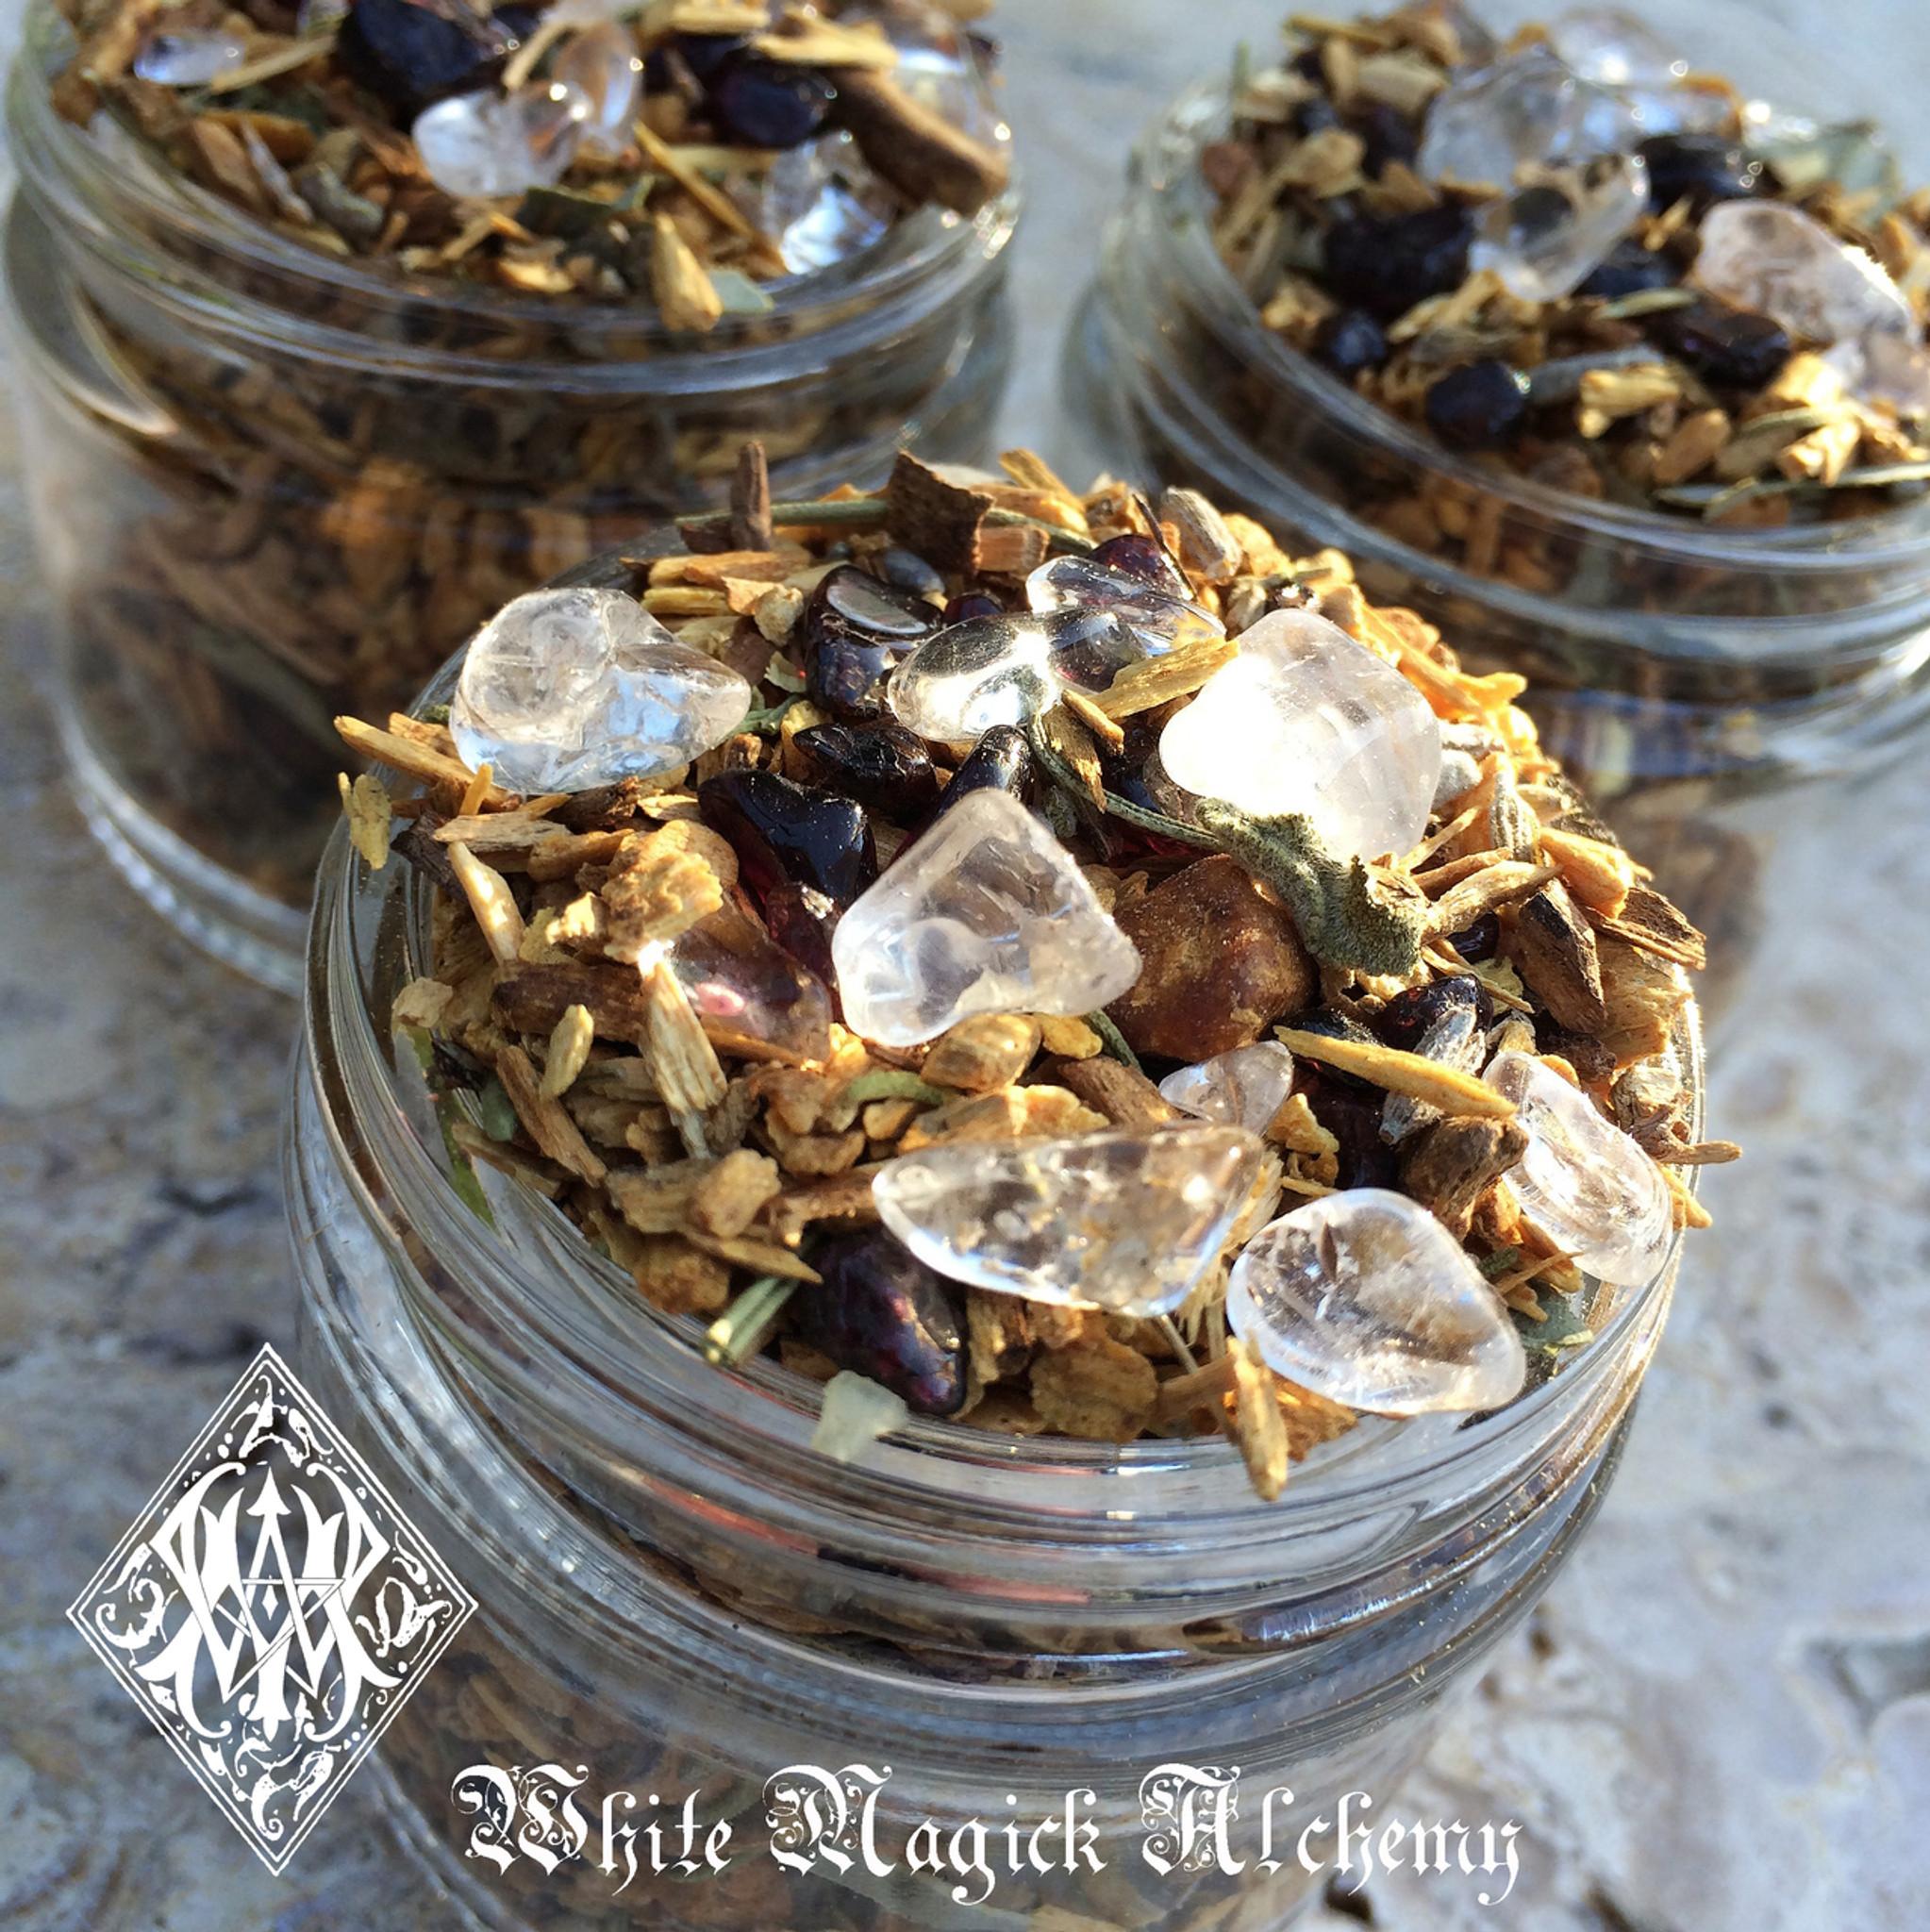 Shamans Crystal Sacred Wood Sage Smudging Incense Blend